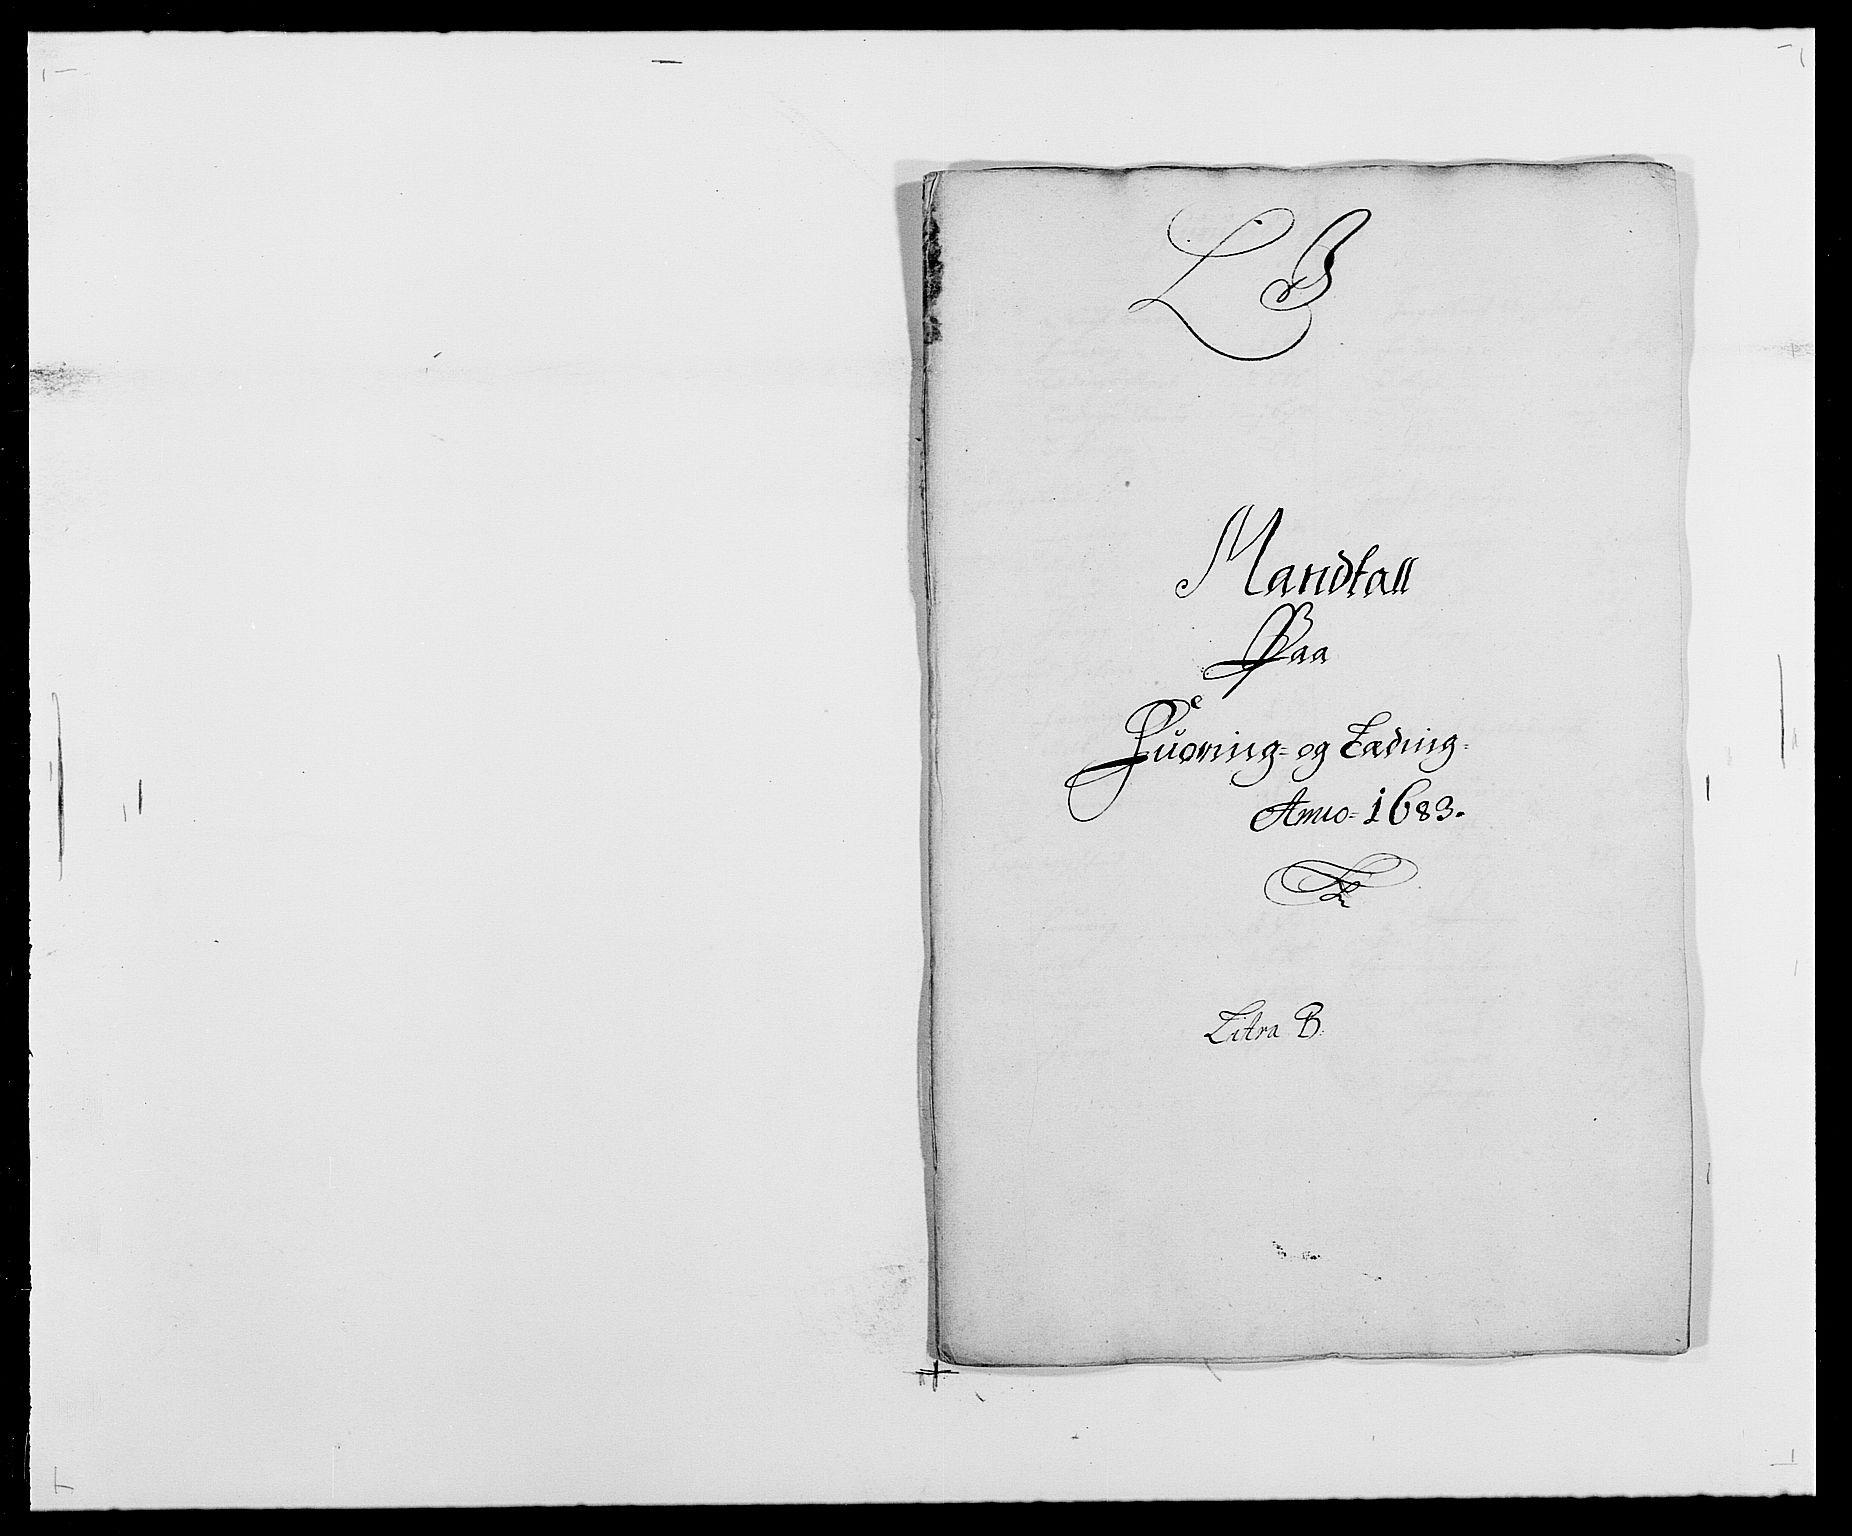 RA, Rentekammeret inntil 1814, Reviderte regnskaper, Fogderegnskap, R29/L1692: Fogderegnskap Hurum og Røyken, 1682-1687, s. 119